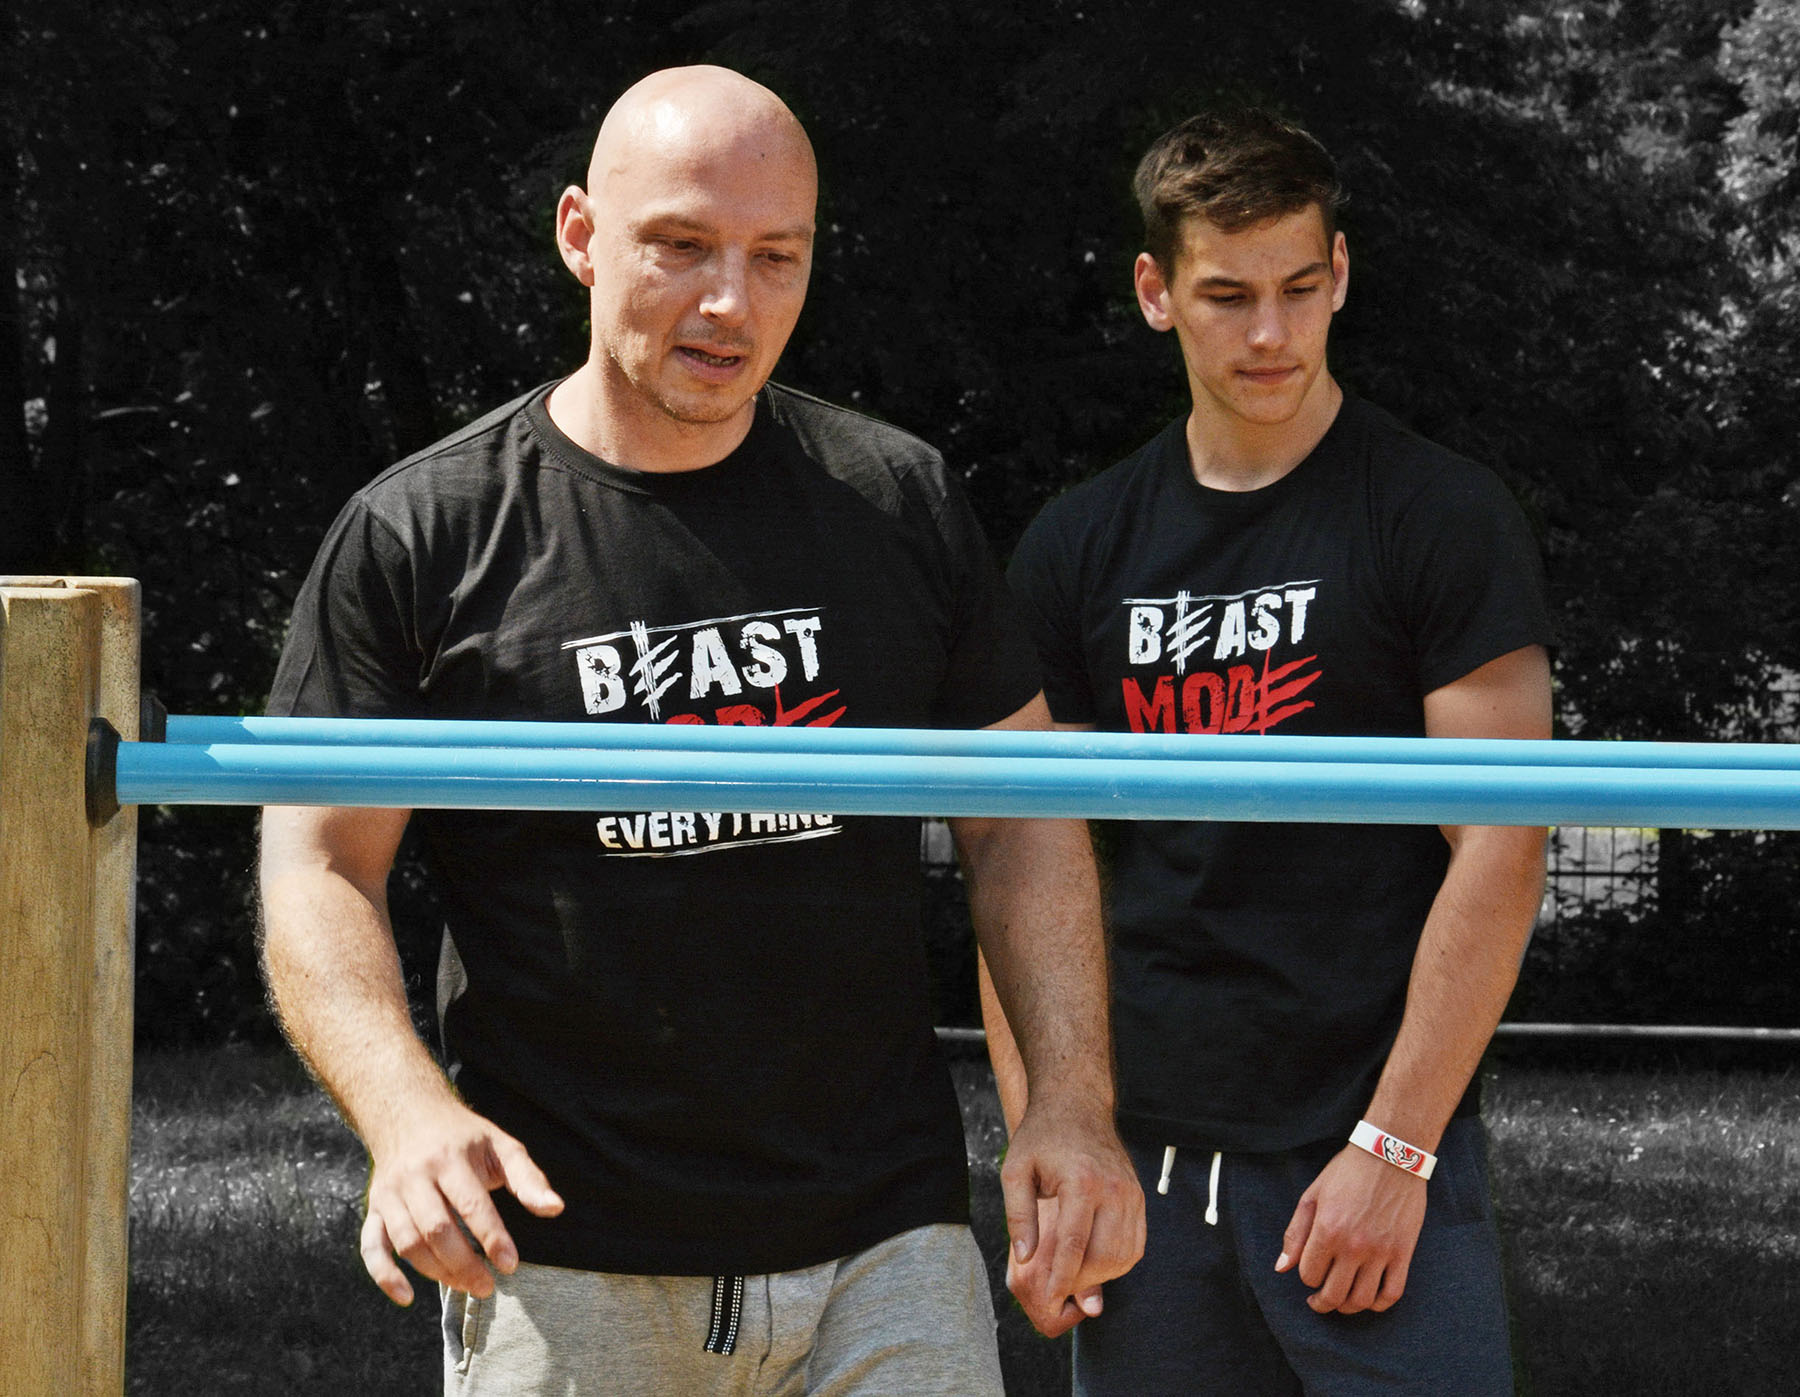 V tričkách Beast Mode Everything vždy připravený